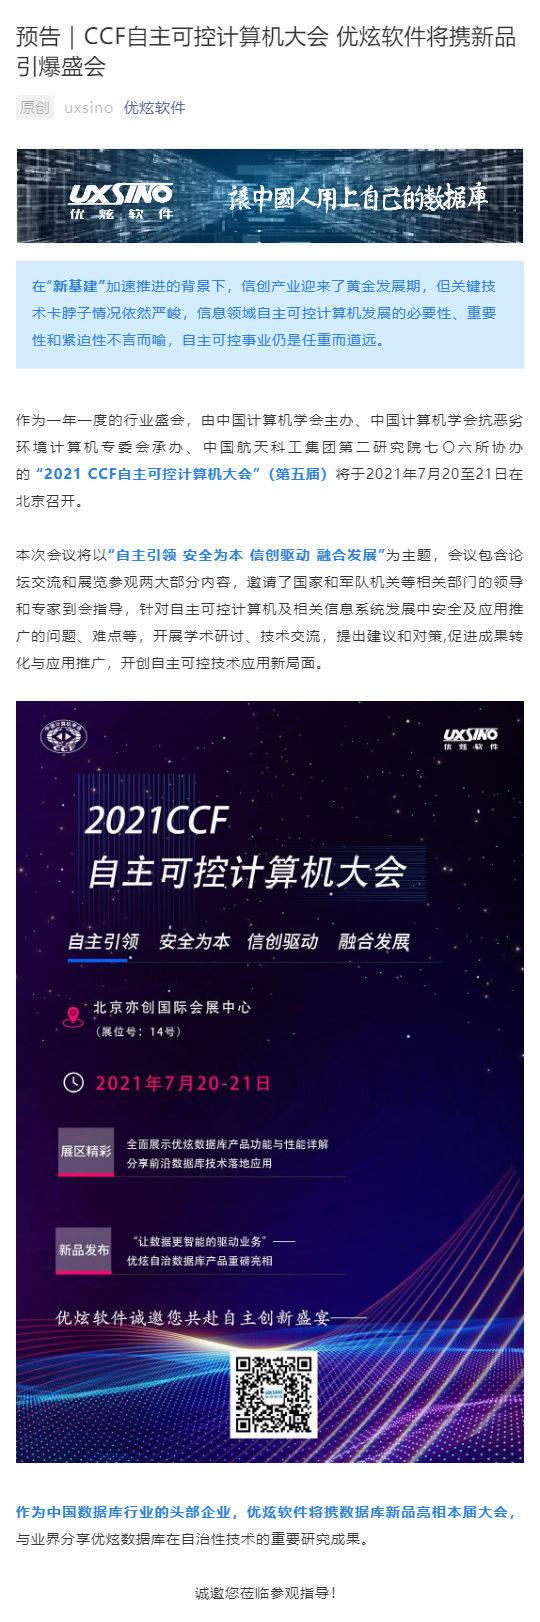 预告|CCF自主可控计算机大会 优炫软件将携新品引爆盛会